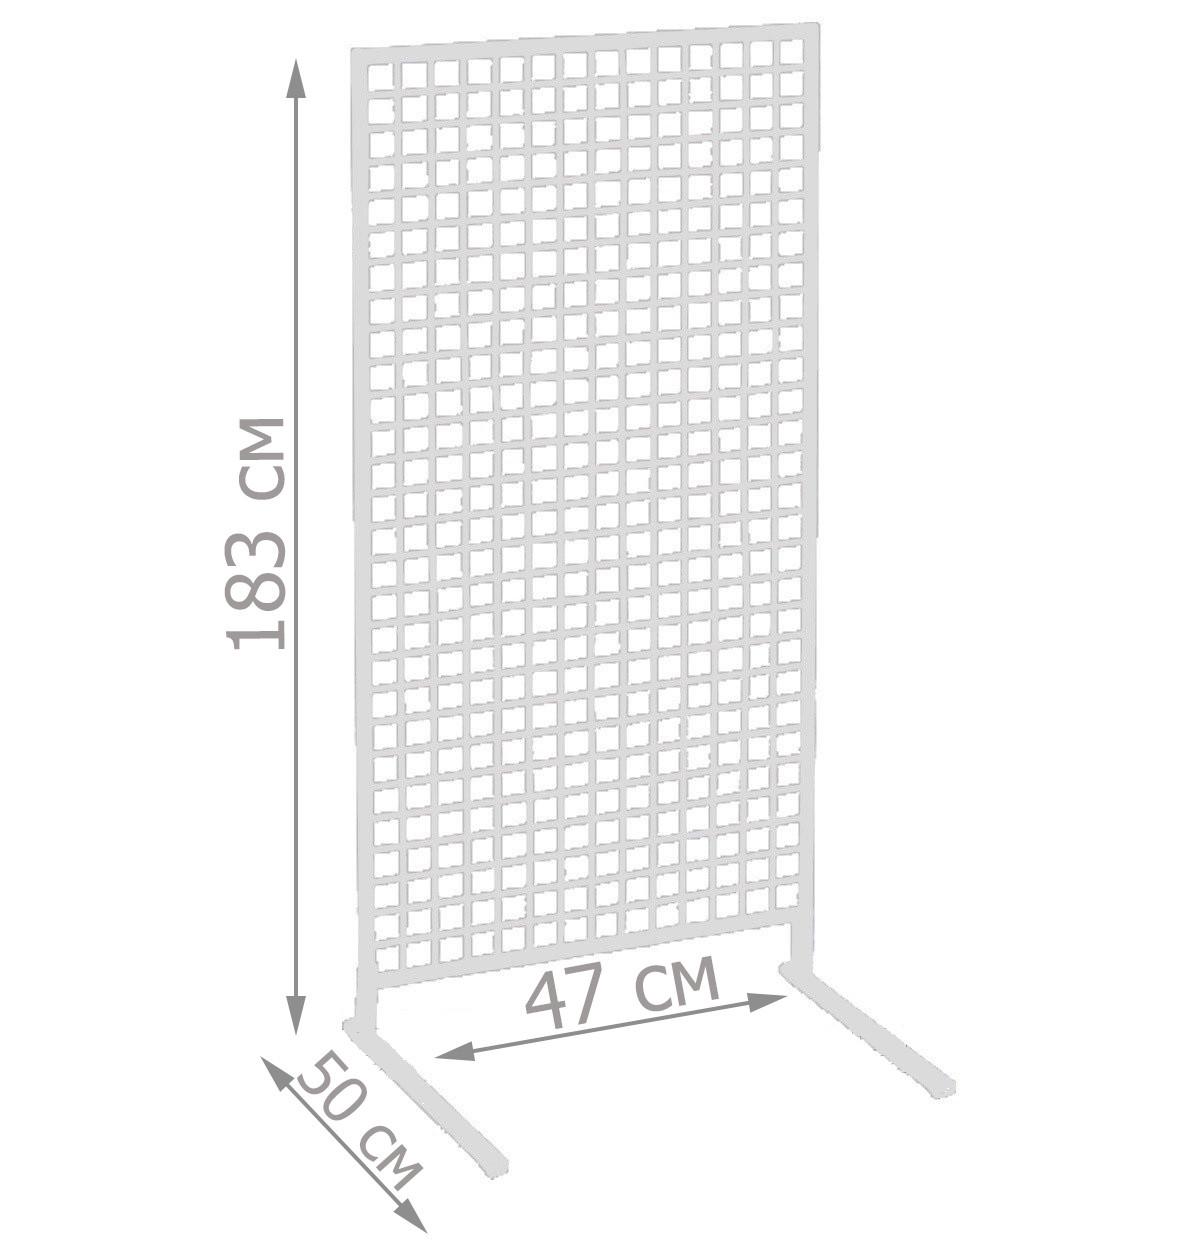 Торговая сетка стойка на ножках 183/47см профиль 20х20 мм (от производителя оптом и в розницу)